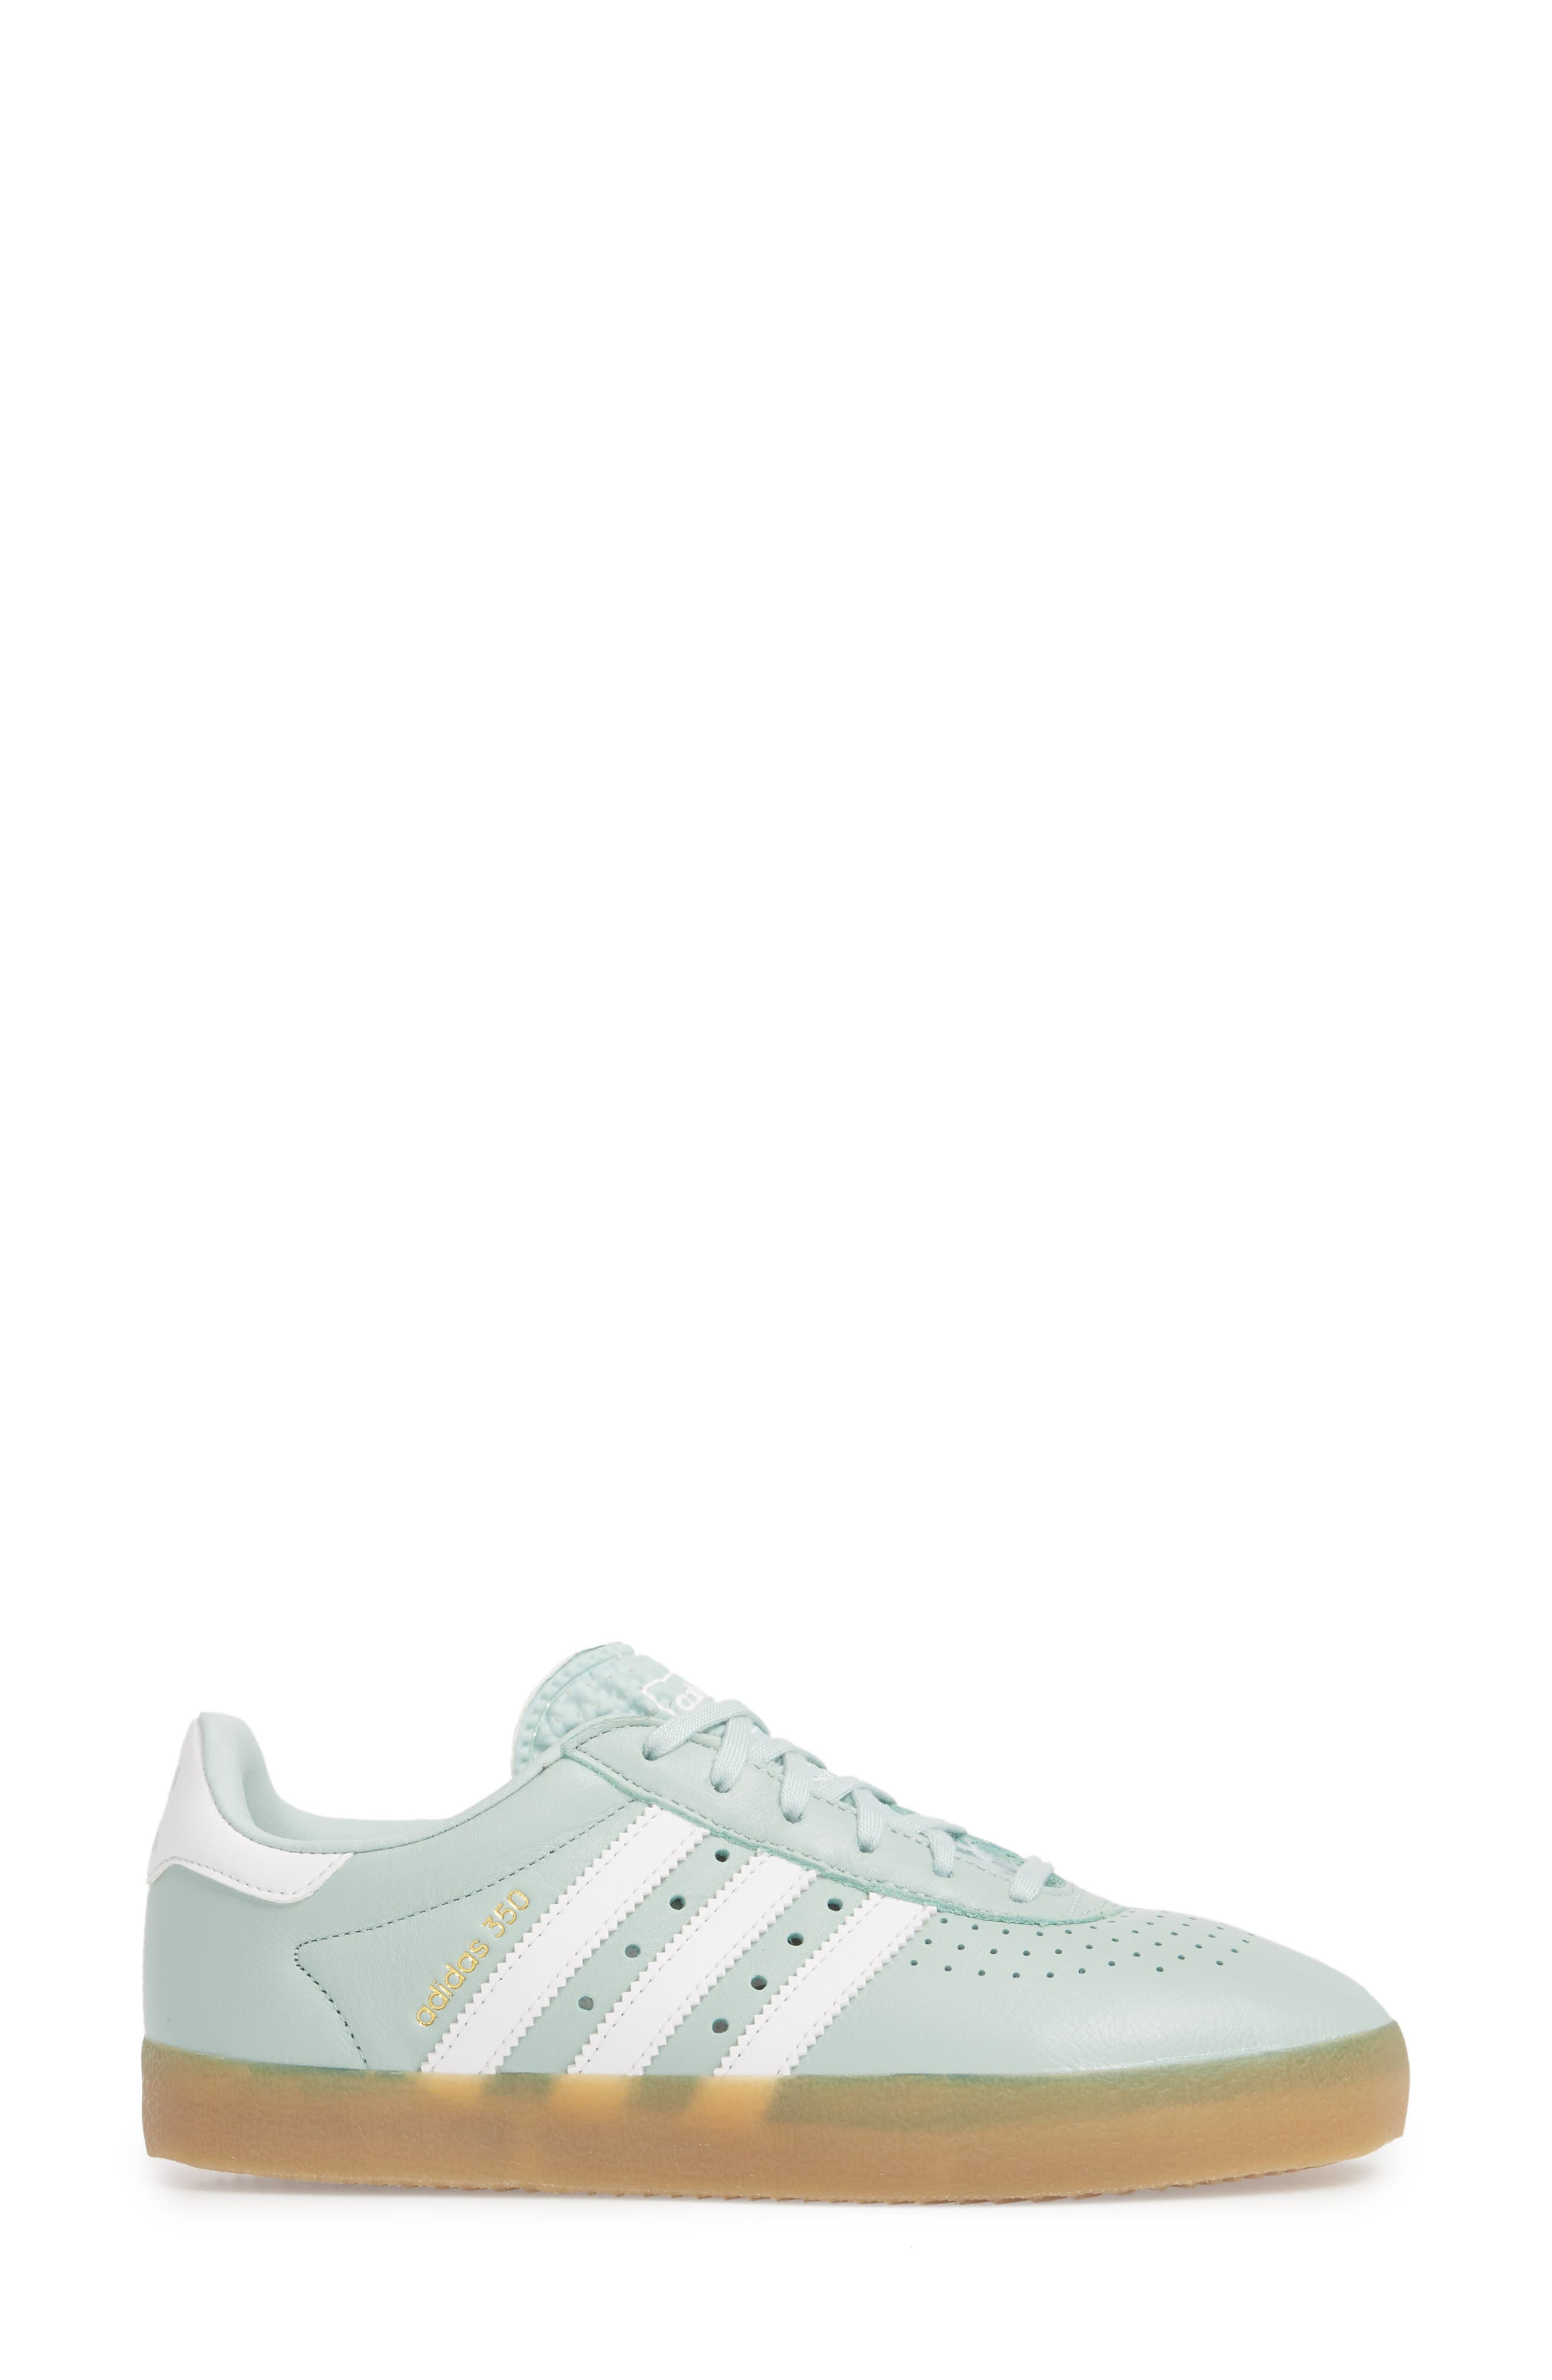 350 Sneaker,                             Alternate thumbnail 3, color,                             Ash Green/ White/ Gum